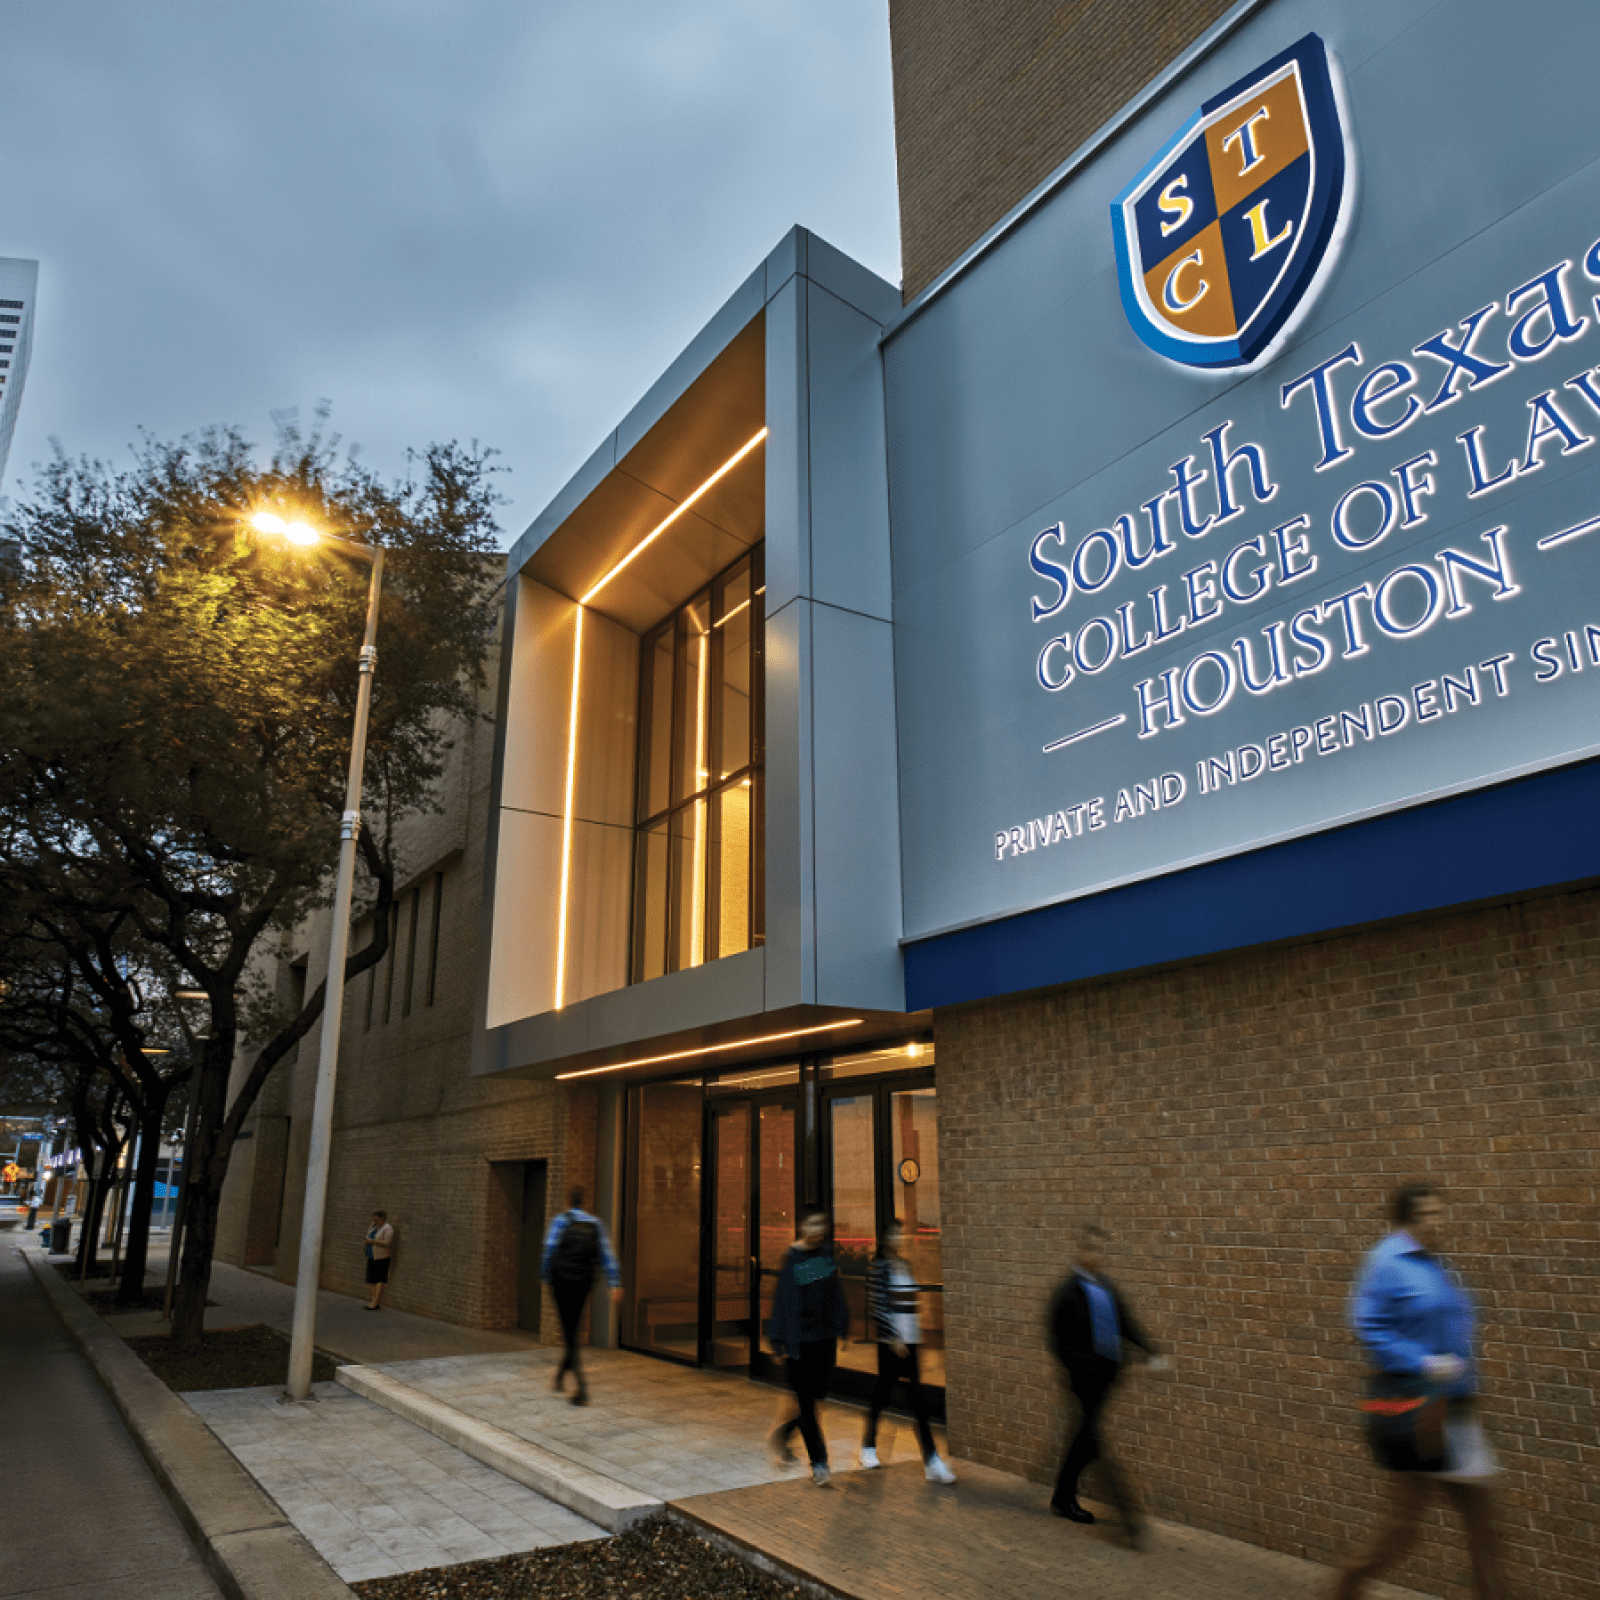 جامعة تكساس من أرخص الجامعات في أمريكا